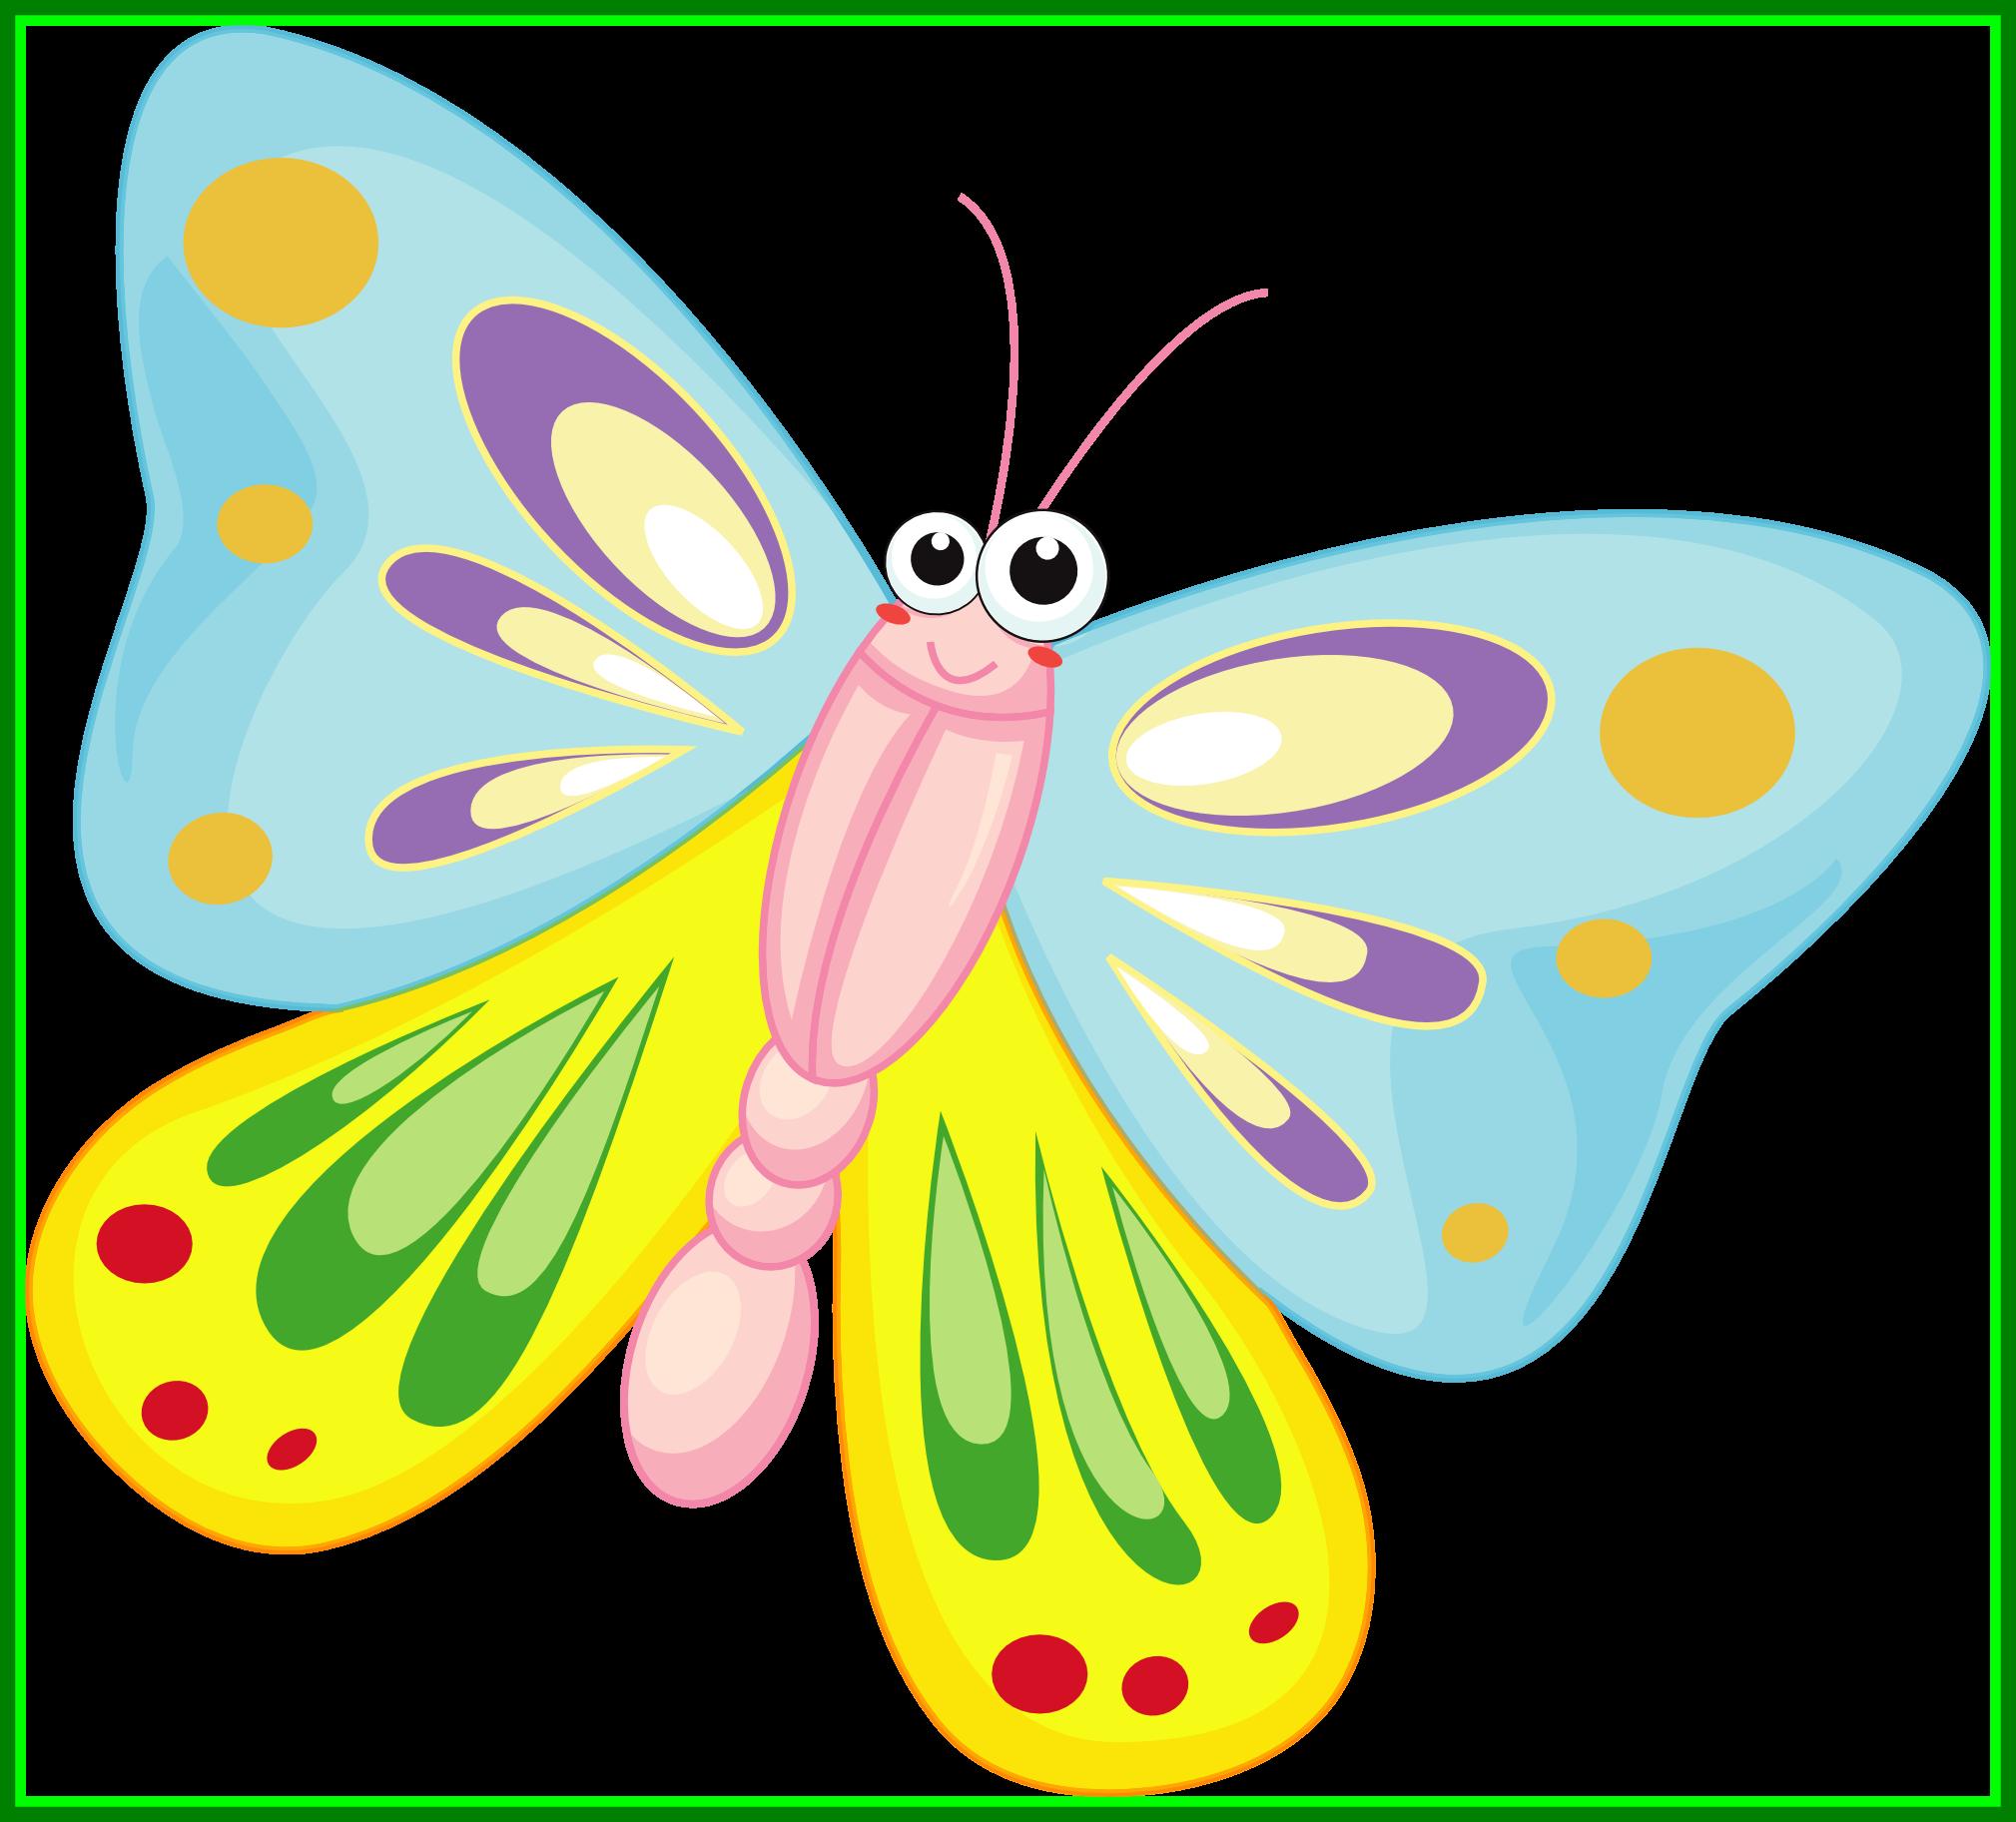 Kiss clipart cartoon kiss. Fascinating clip art butterfly